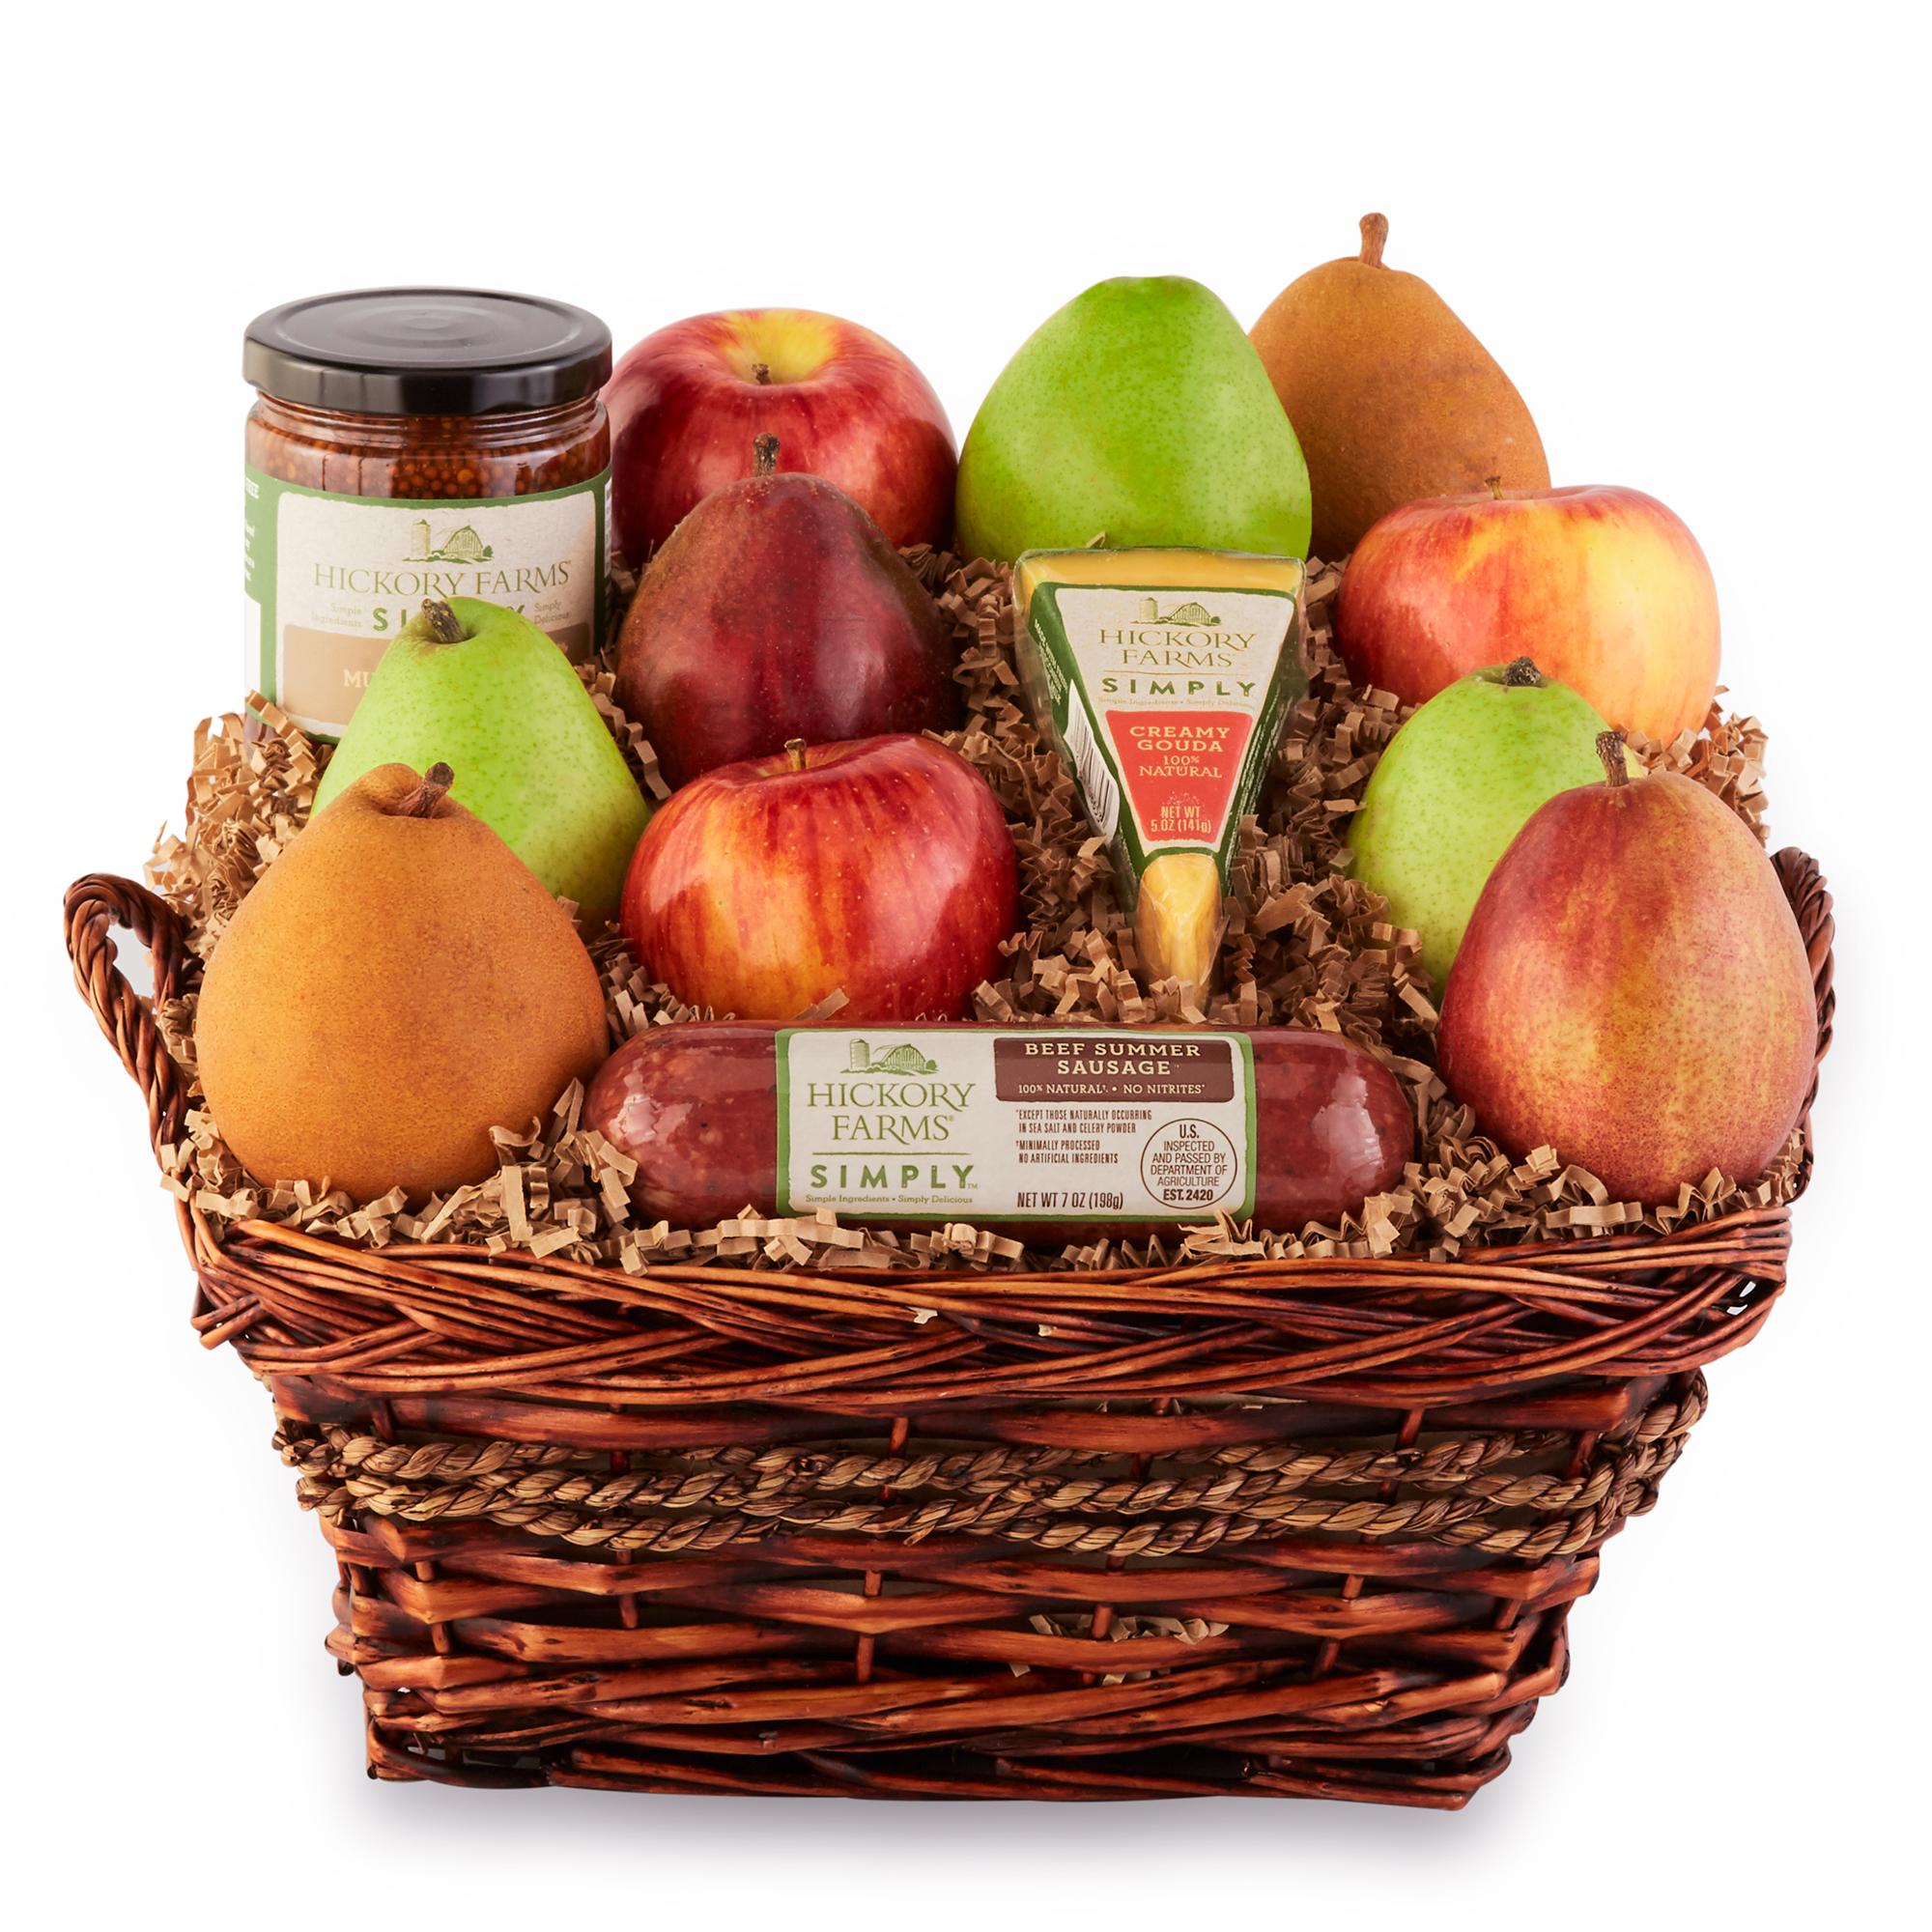 Hickory Farms Simply Harvest Fruit Basket | Hickory Farms